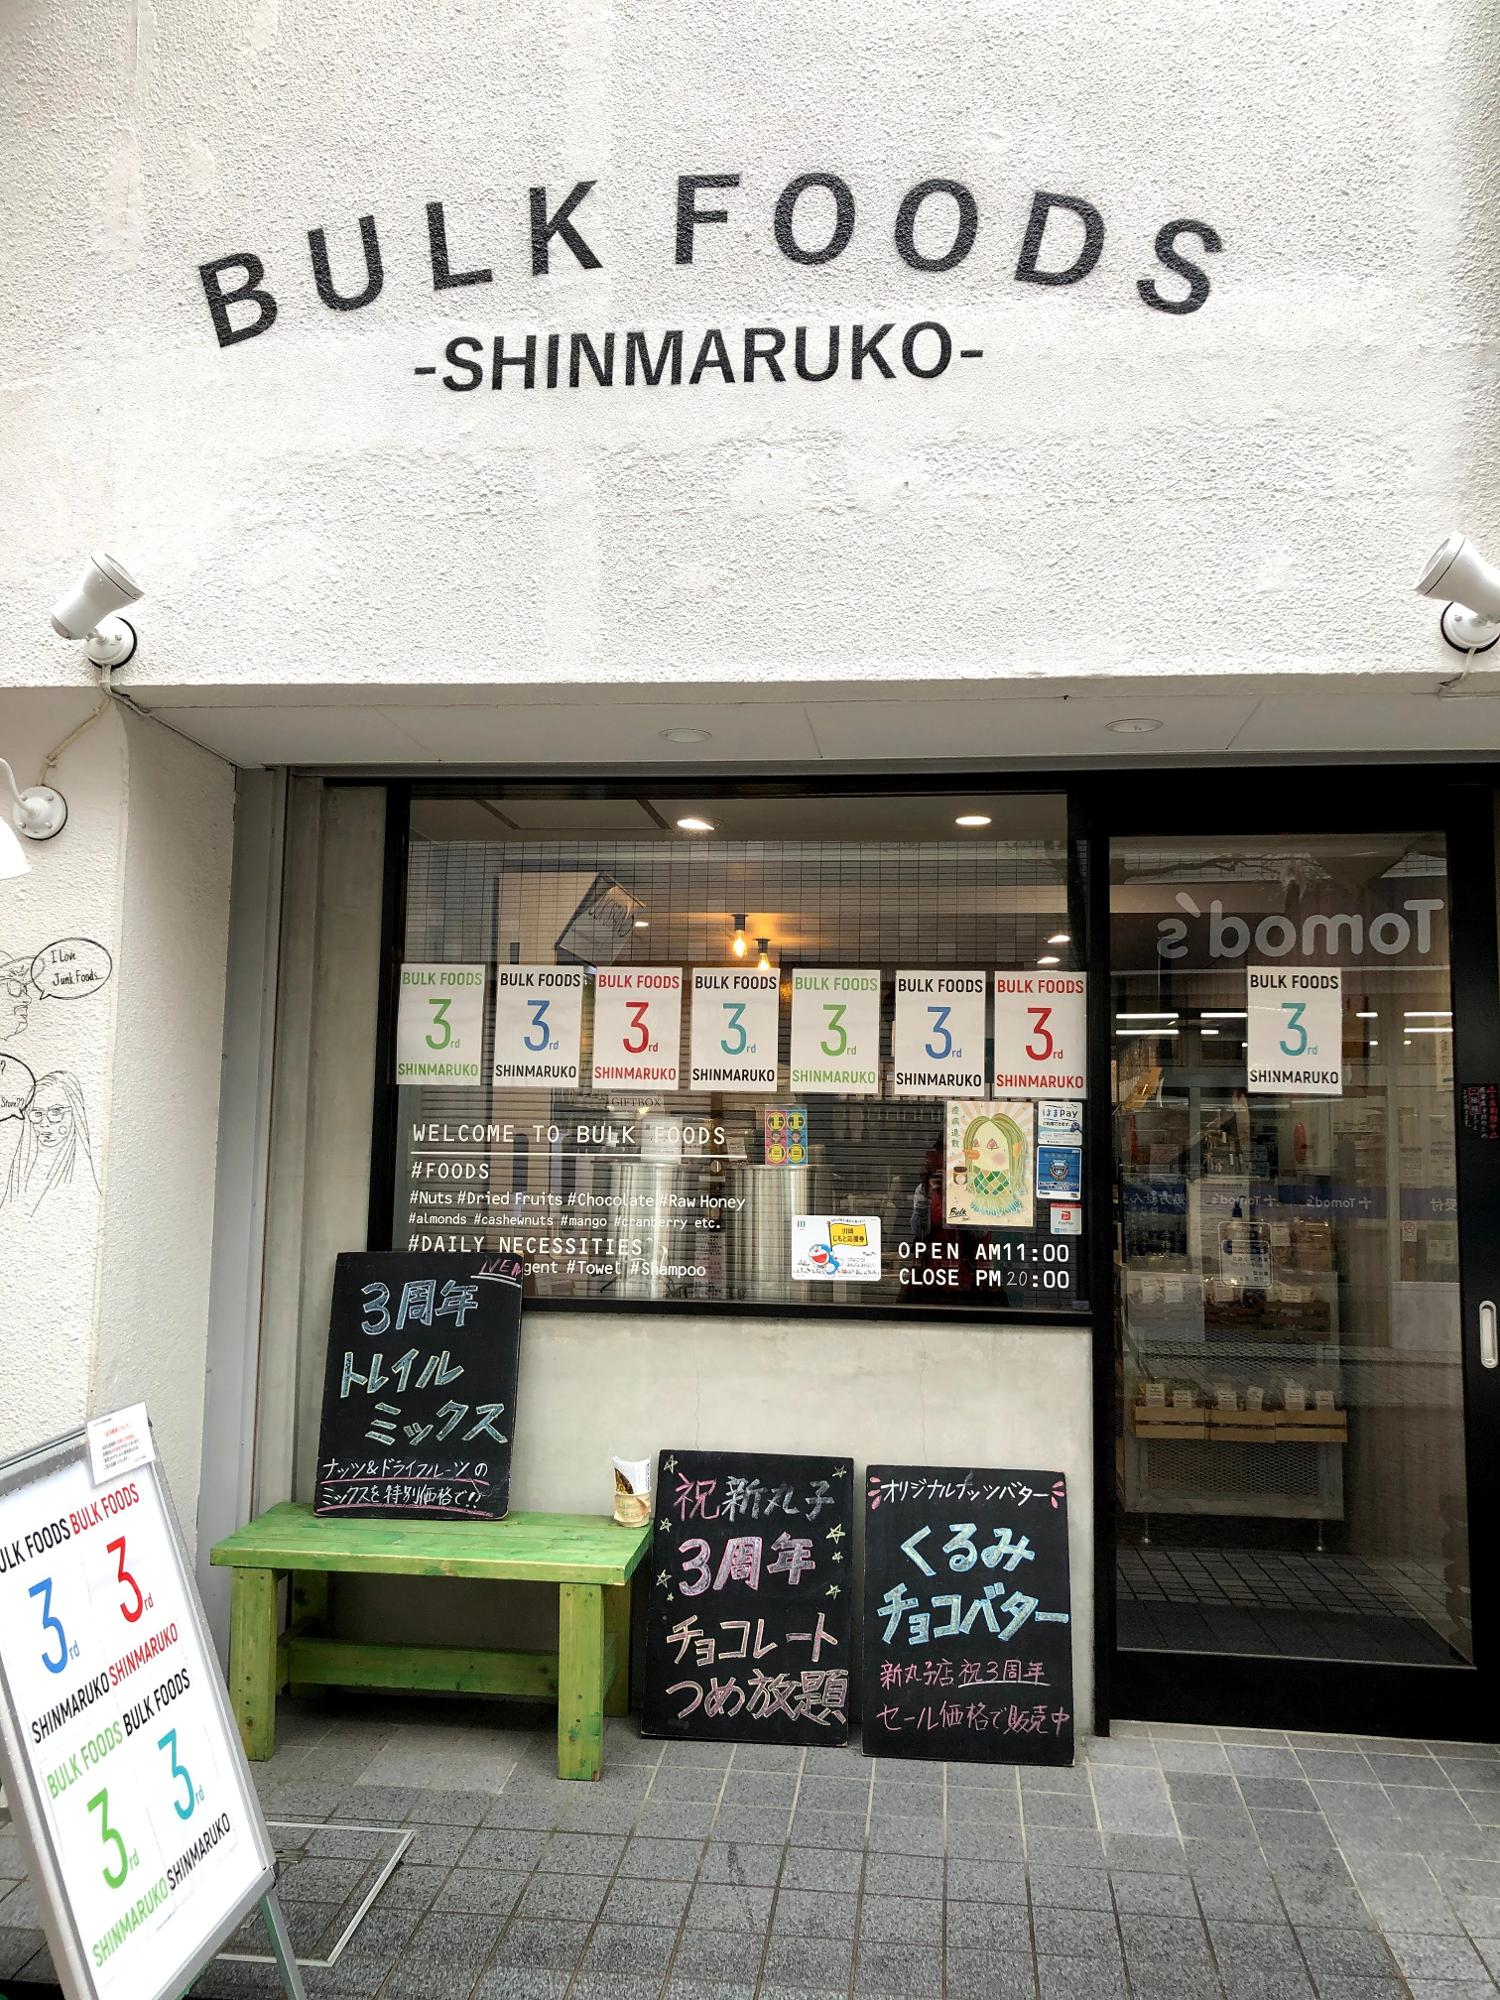 近所にあることを自慢したいお店の一つ、バルクフーズさん、いつもありがとう!今後ともよろしくお願いします!